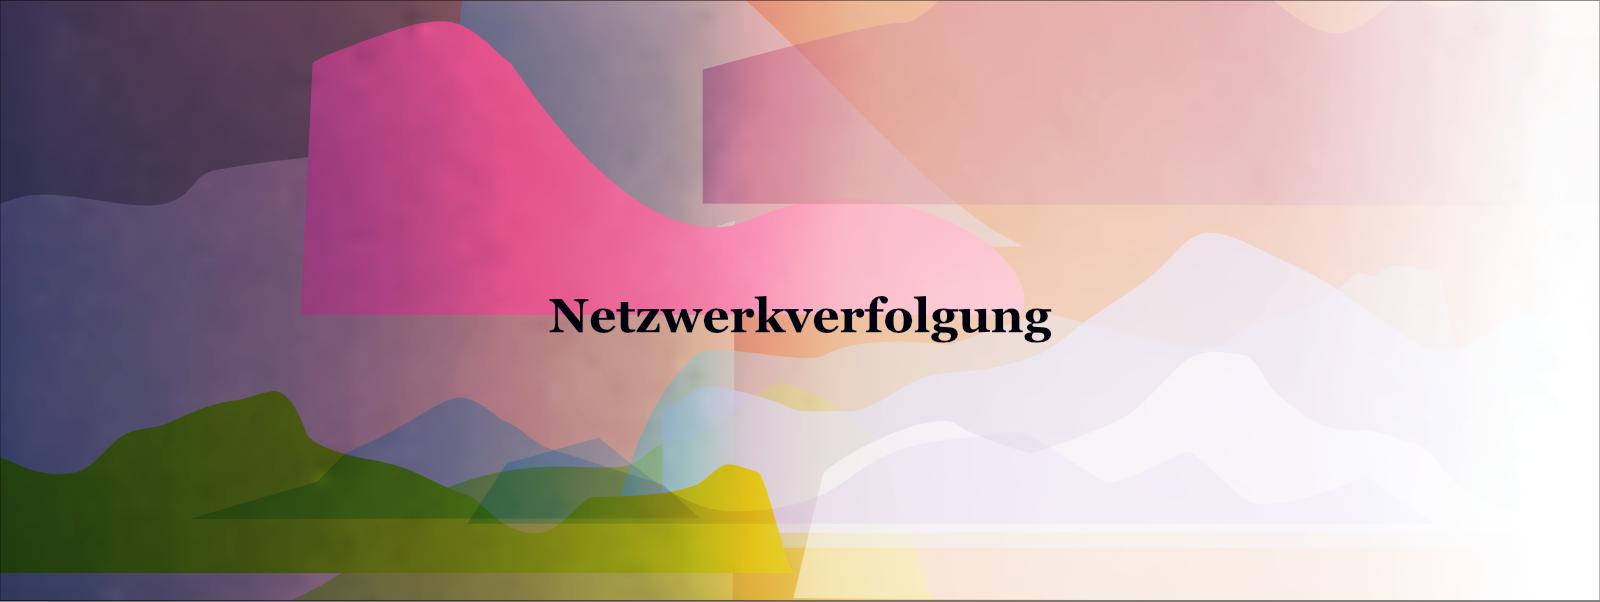 Netzwerkverfolgung Header